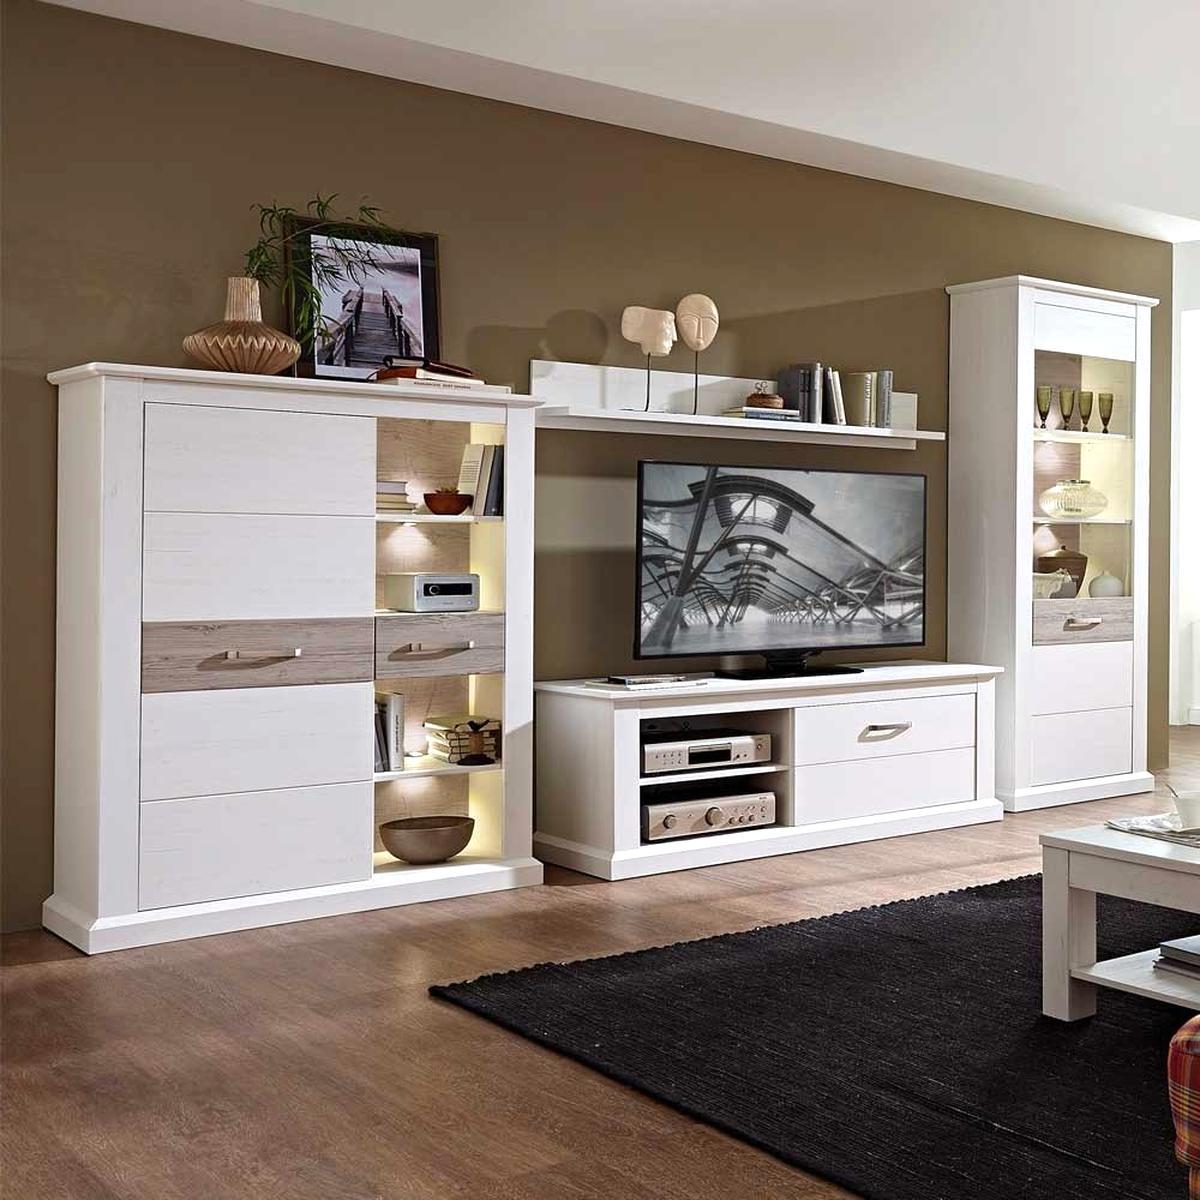 Wohnzimmer Anbauwand gebraucht kaufen! Nur 10 St. bis -10% günstiger